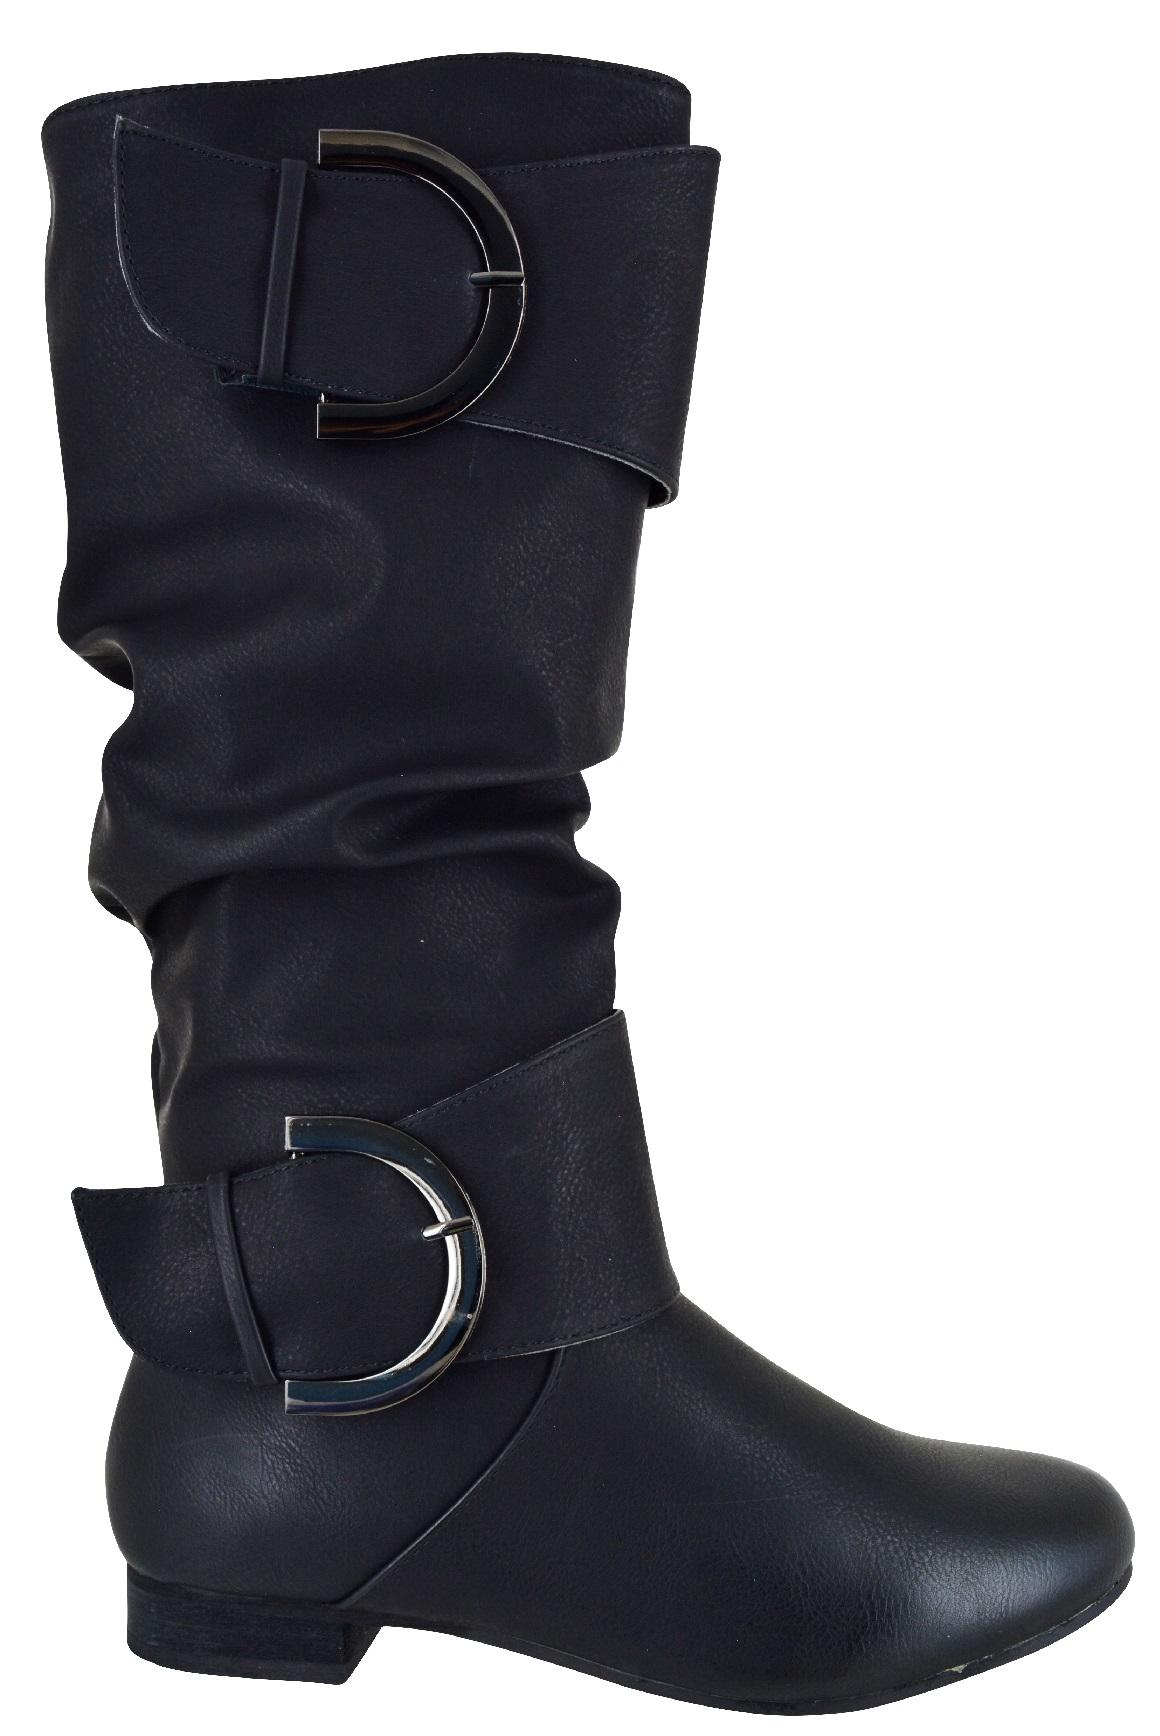 Señoras Plano Caliente De Invierno Botas Hasta la Rodilla Equitación Hebilla para Mujer Comodidad Zapatos Talla